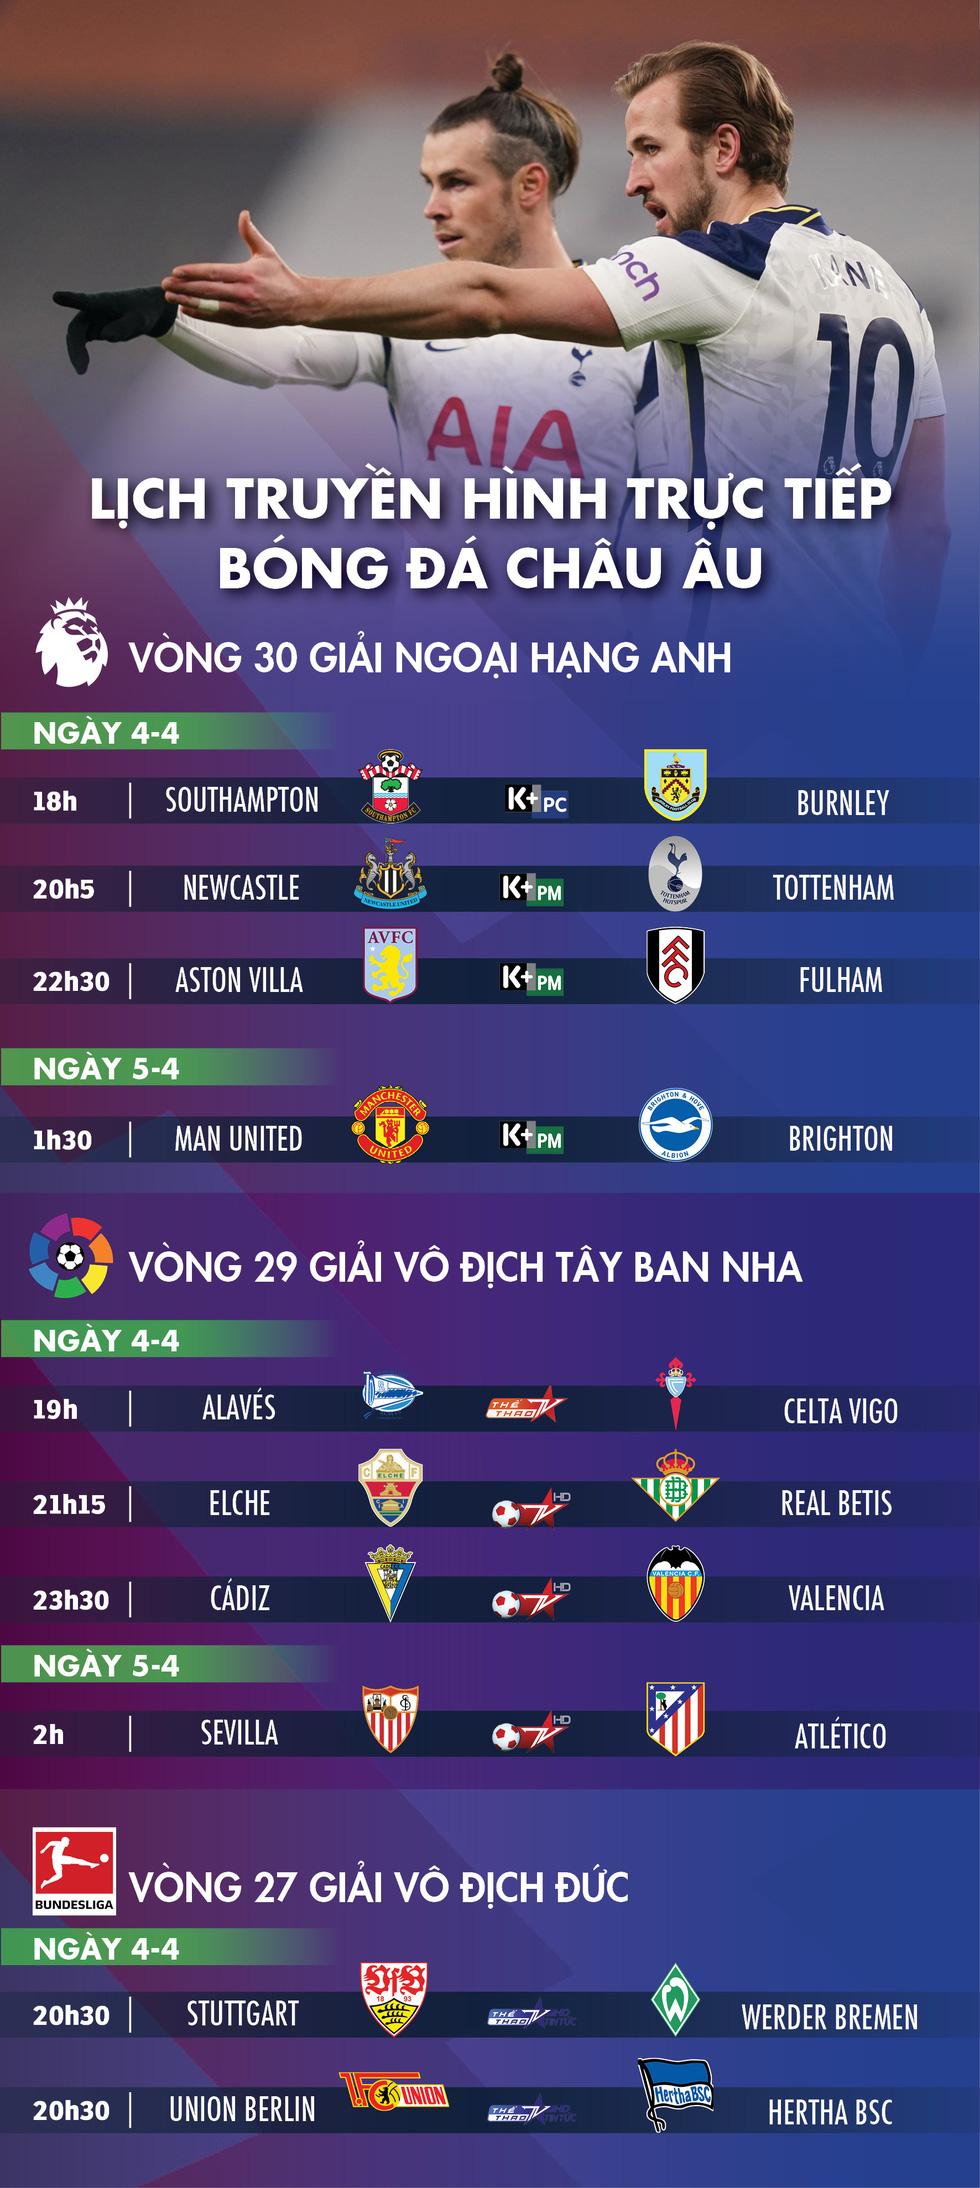 Lịch trực tiếp bóng đá châu Âu 4-4: Man United, Tottenham và Atletico Madrid ra sân - Ảnh 1.